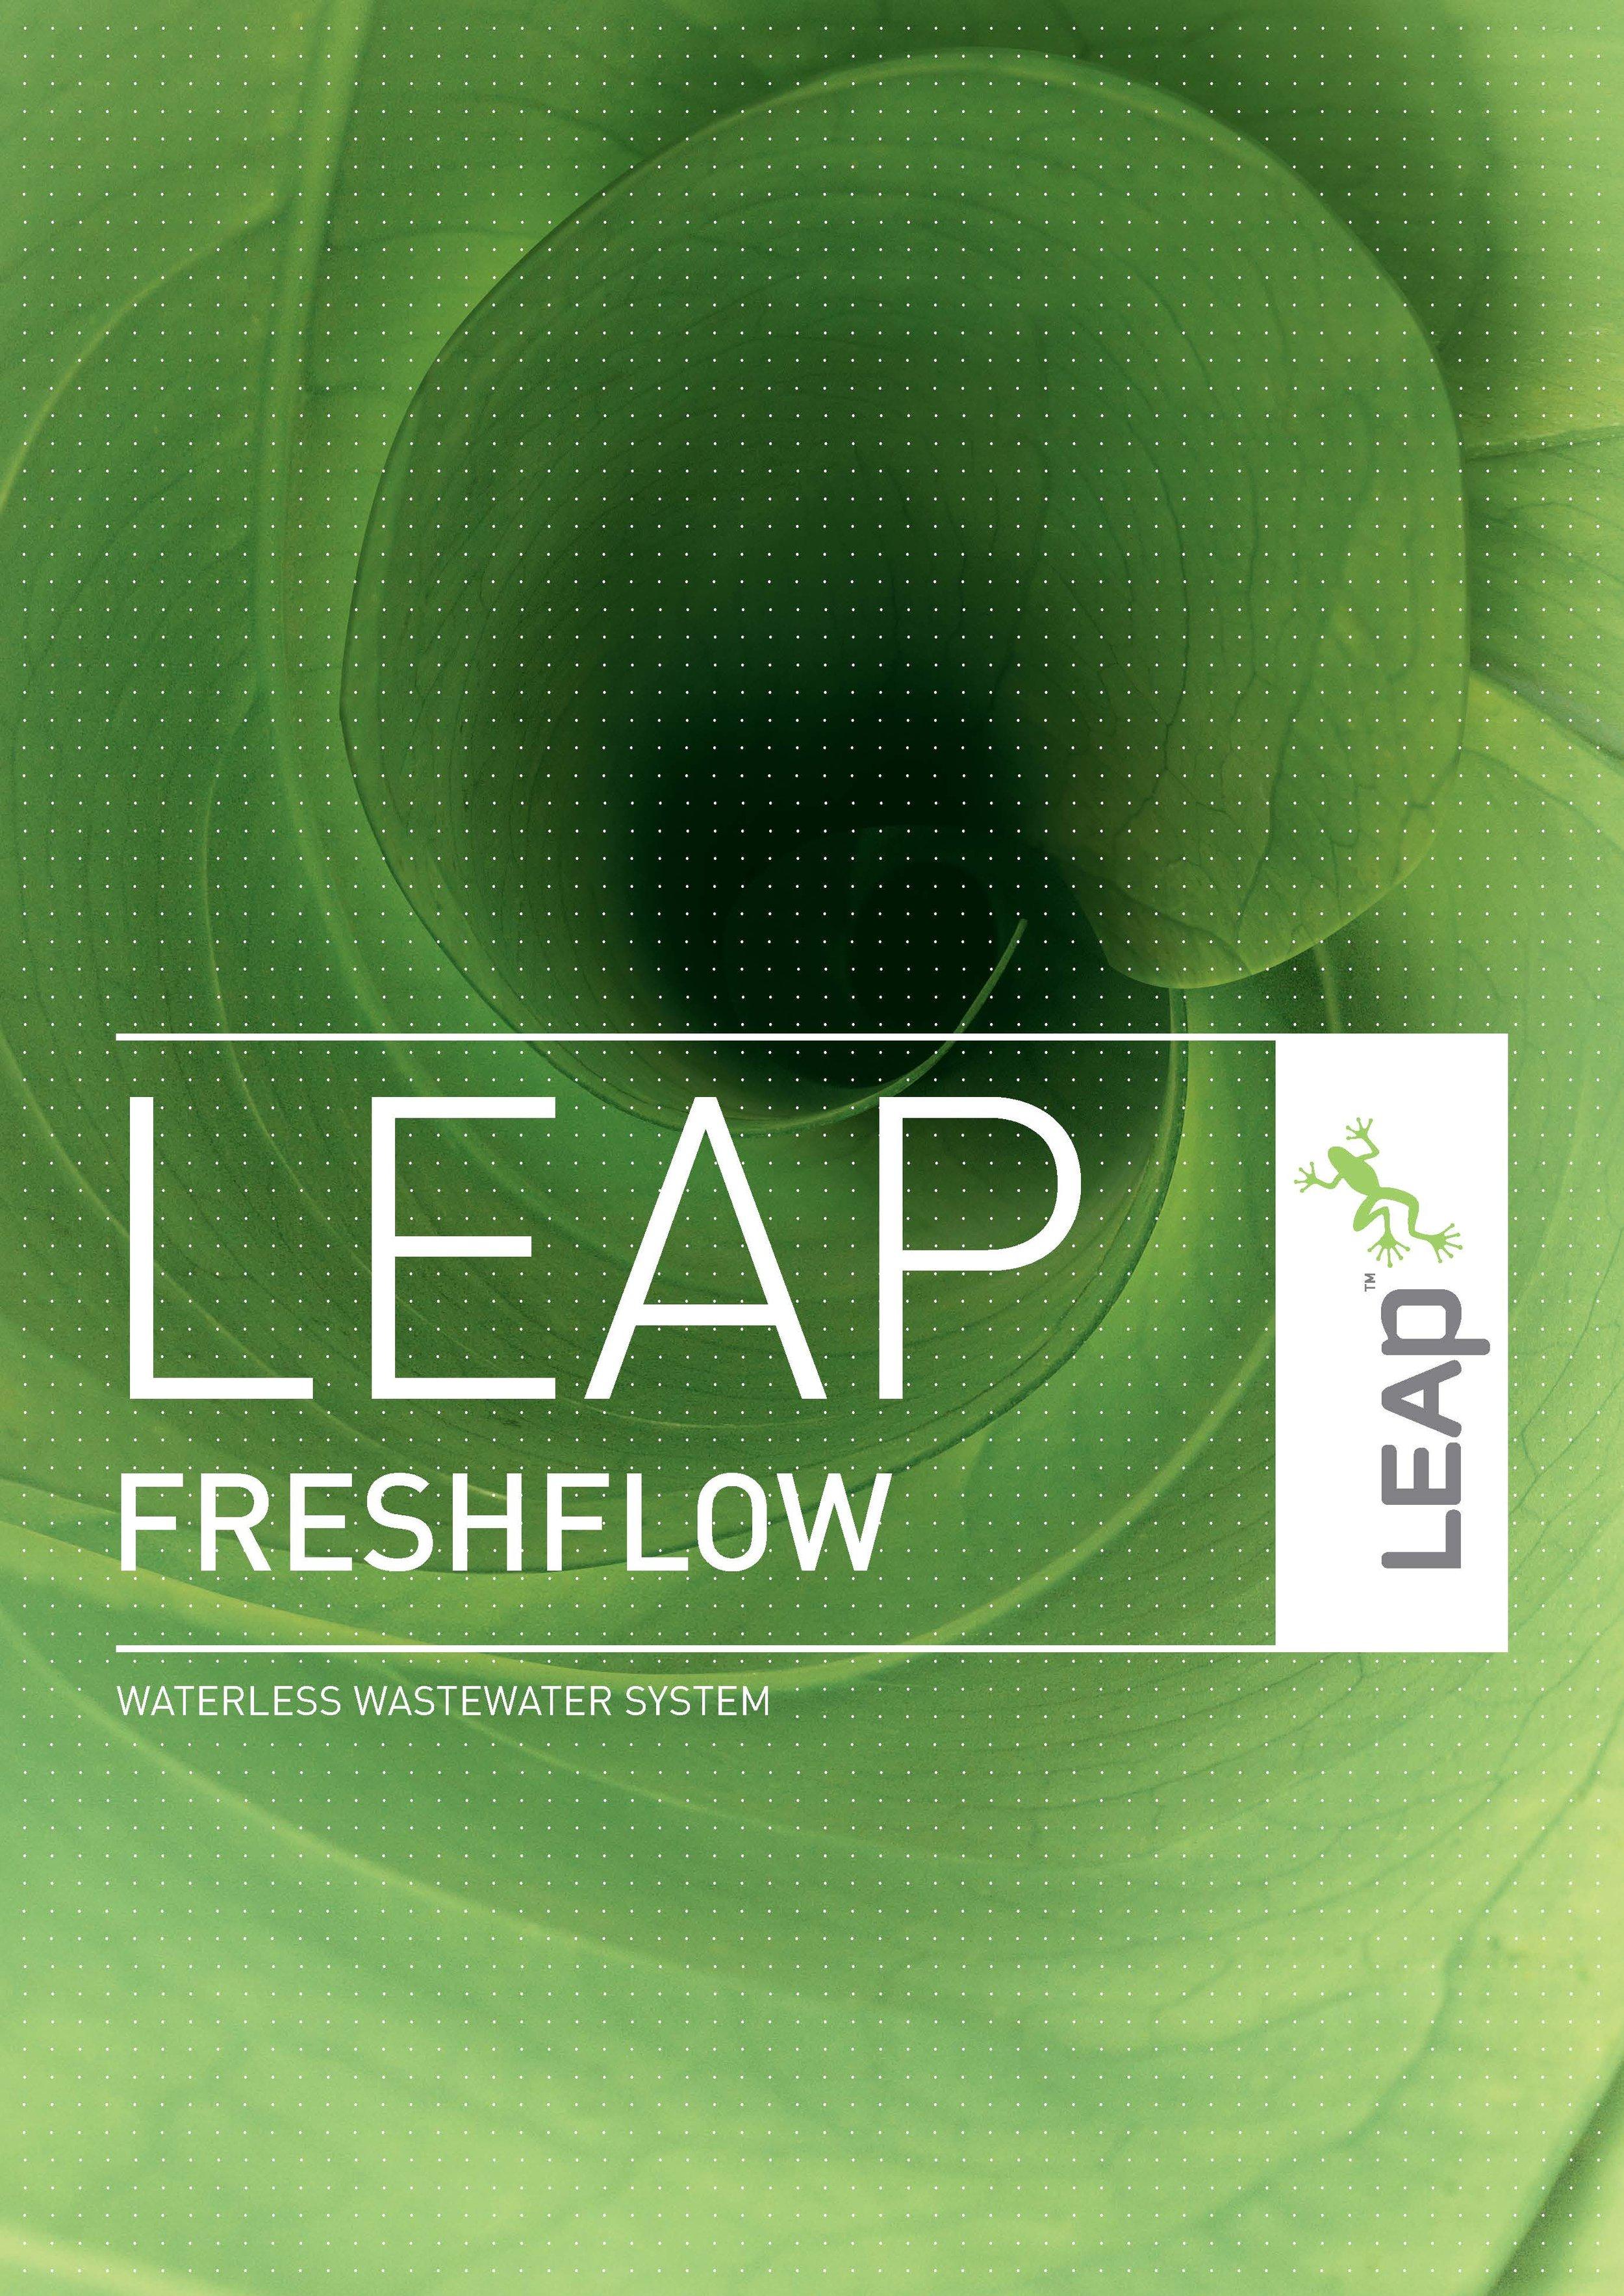 LEAP_FRESHFLOW Cover.jpg